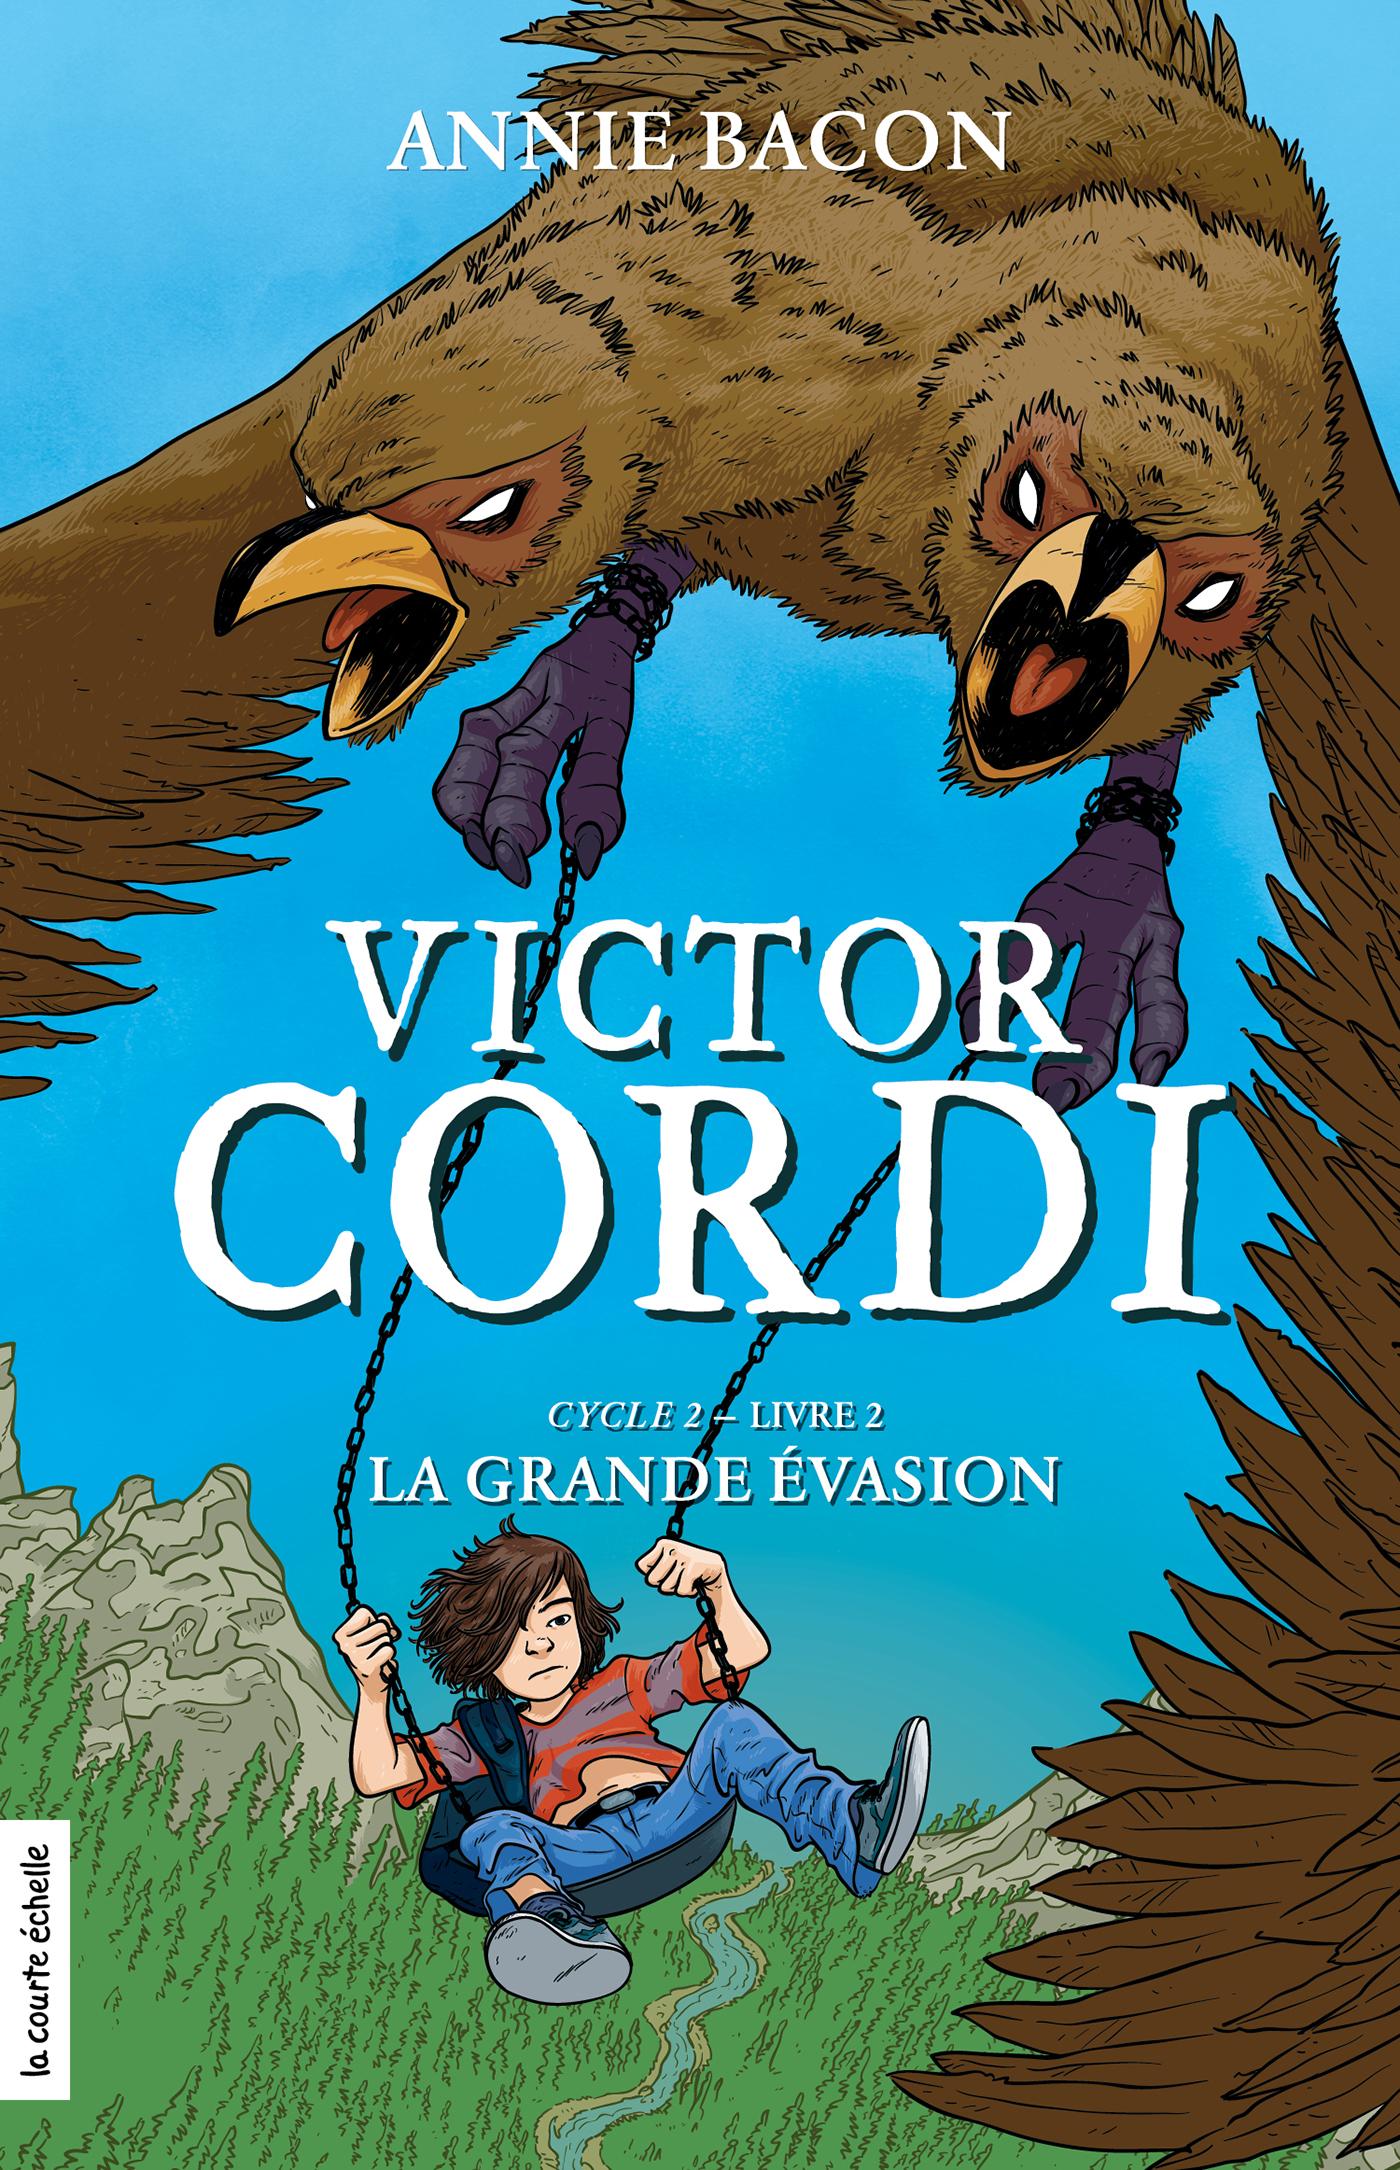 La grande évasion, Victor Cordi, Cycle 2, livre 2